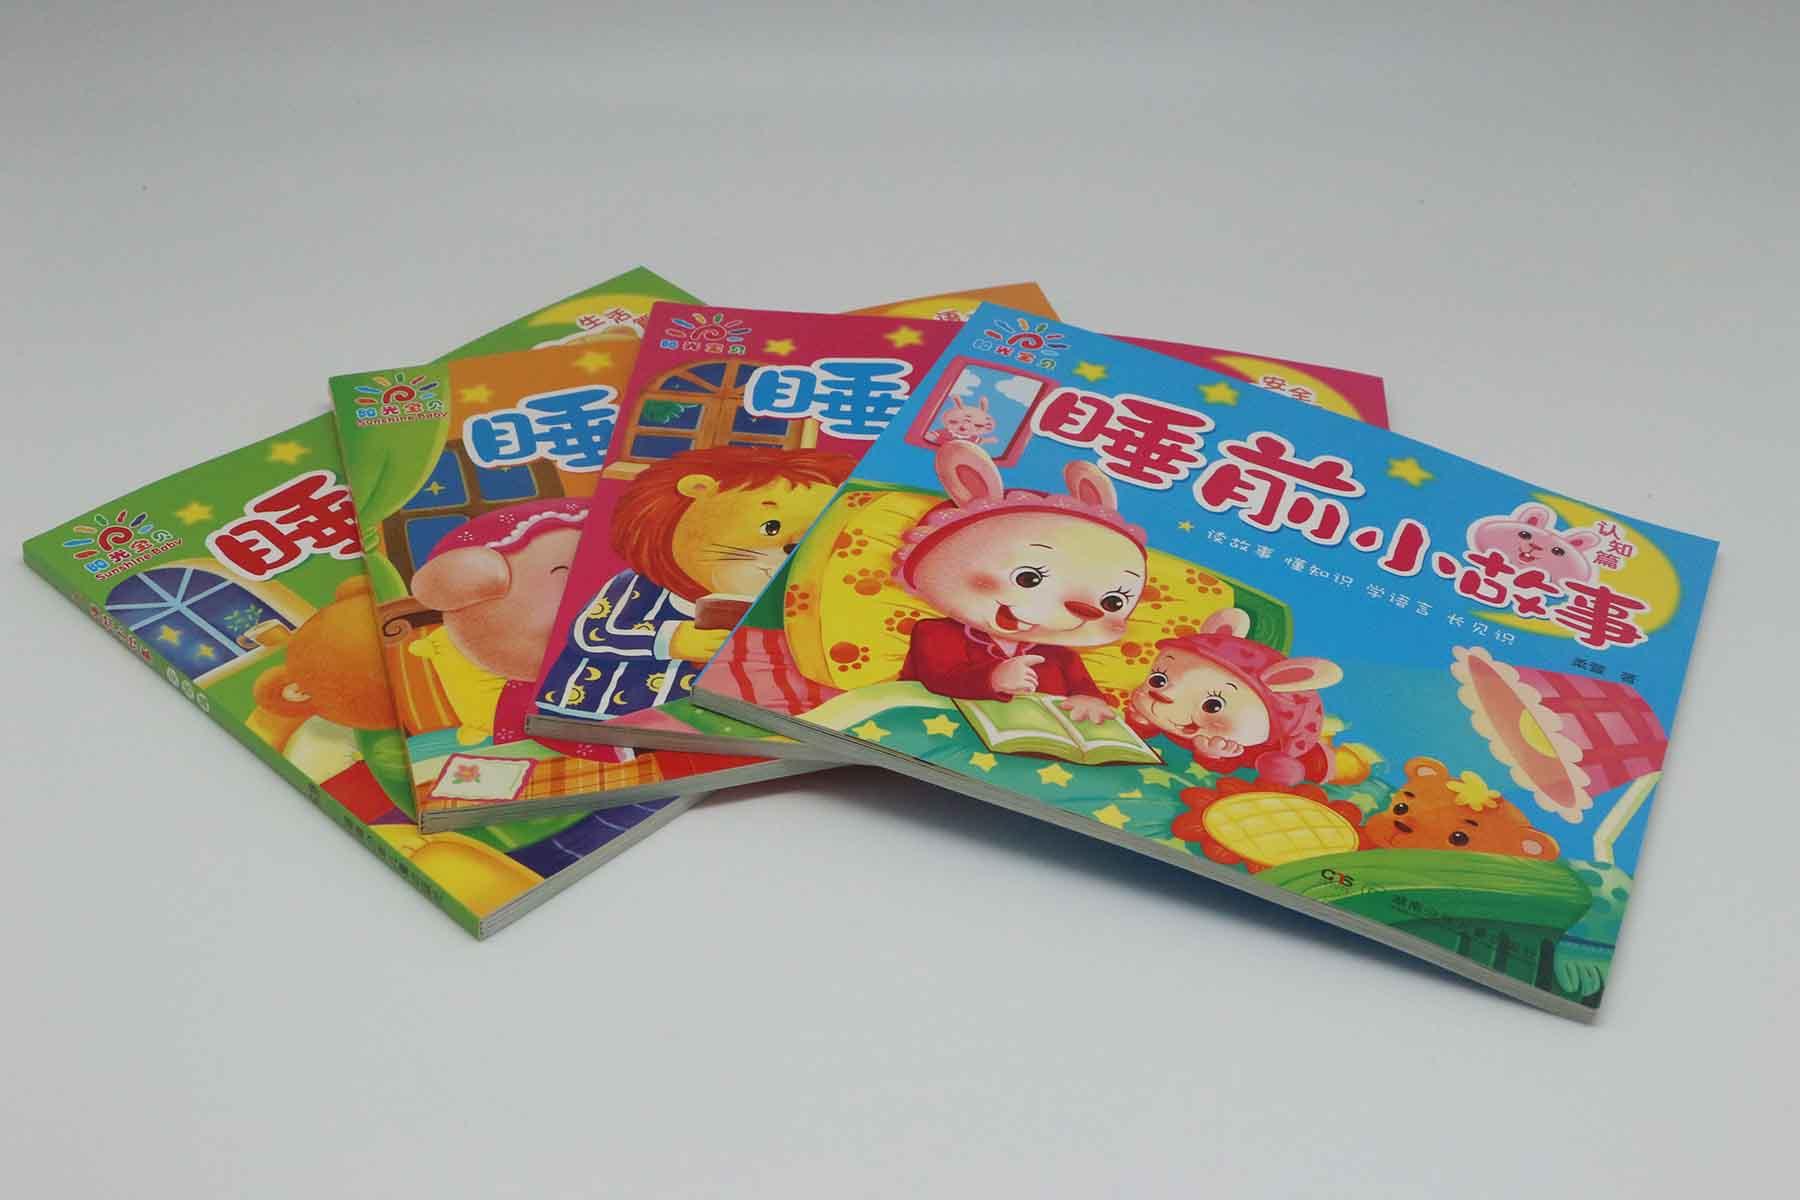 广州印刷创意画册设计 广州制作公司画册方案